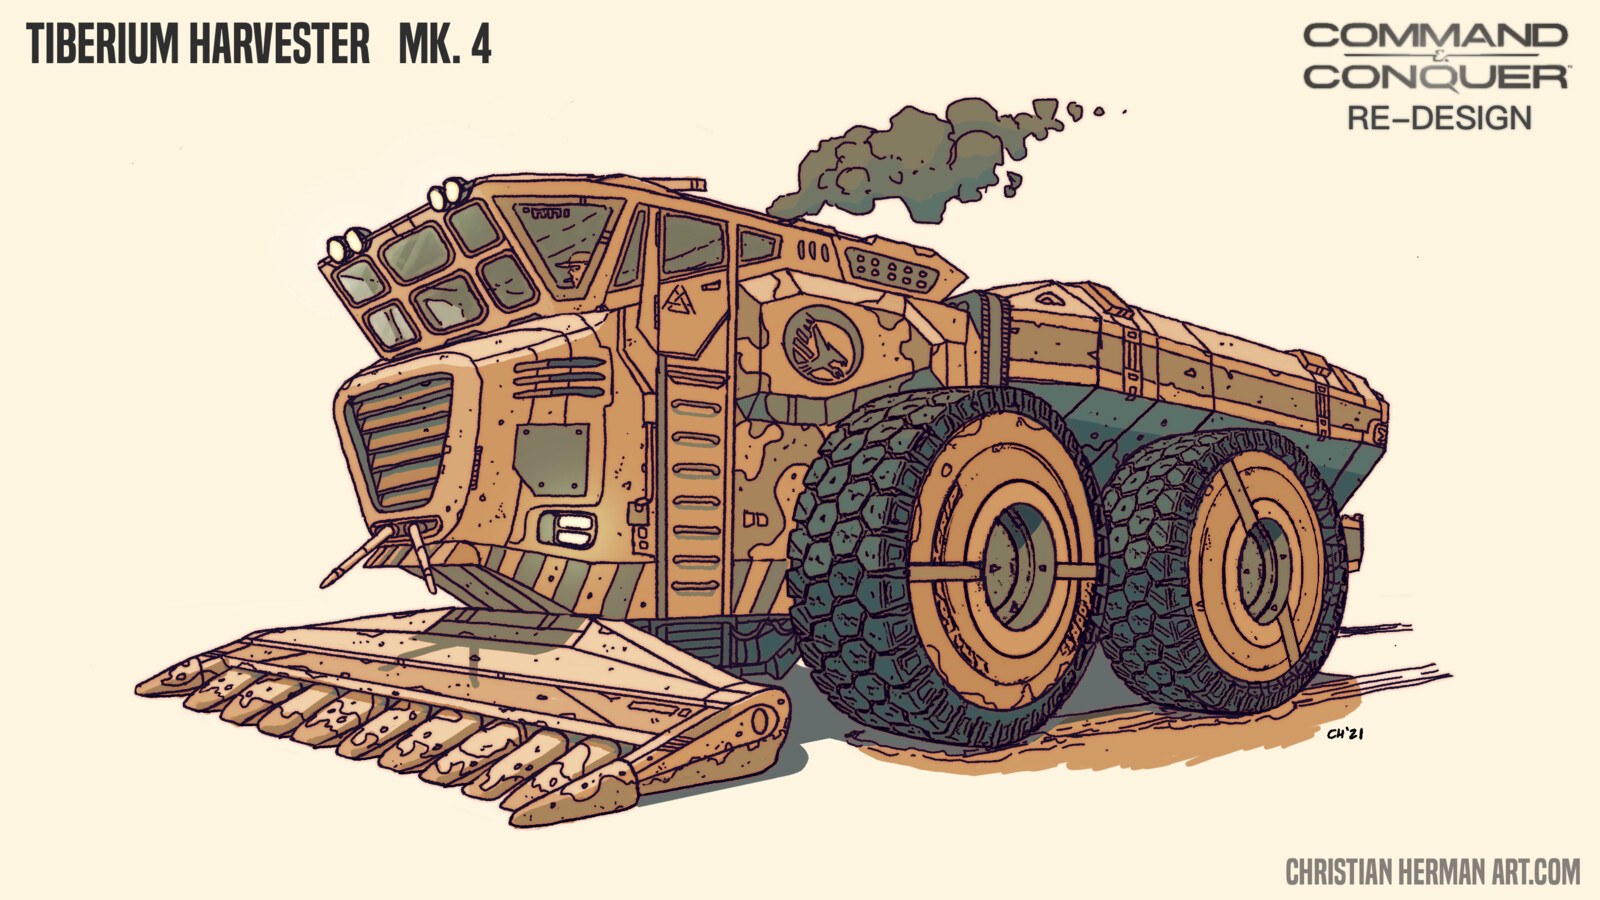 Tiberium Harvester Re-Design